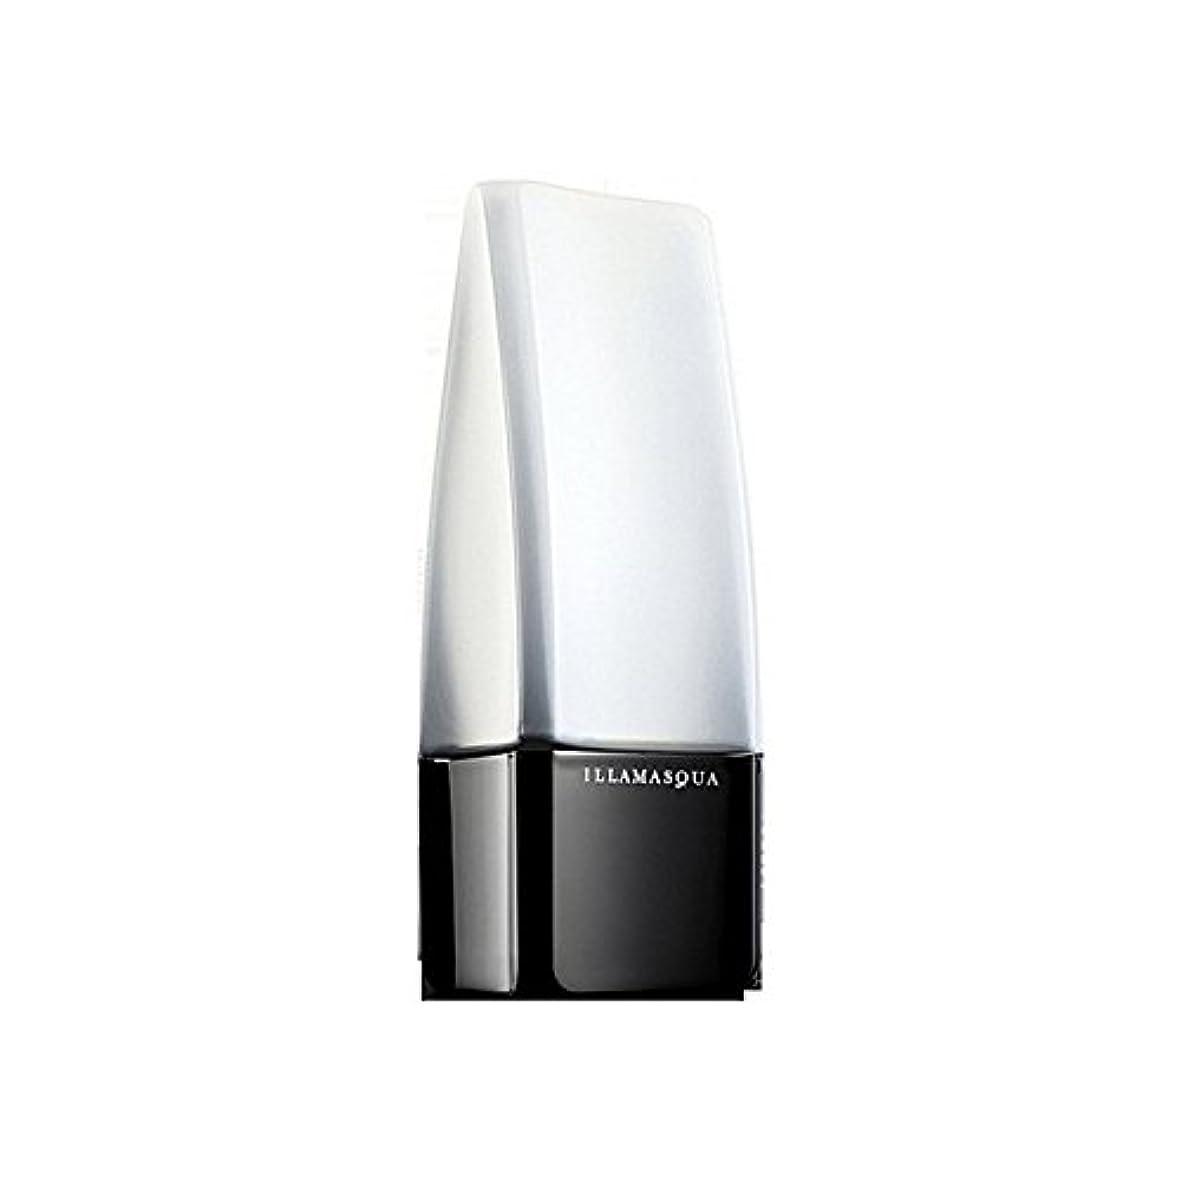 オッズわがままソーセージマットプライマー 20 30ミリリットル x2 - Illamasqua Matt Primer Spf 20 30ml (Pack of 2) [並行輸入品]